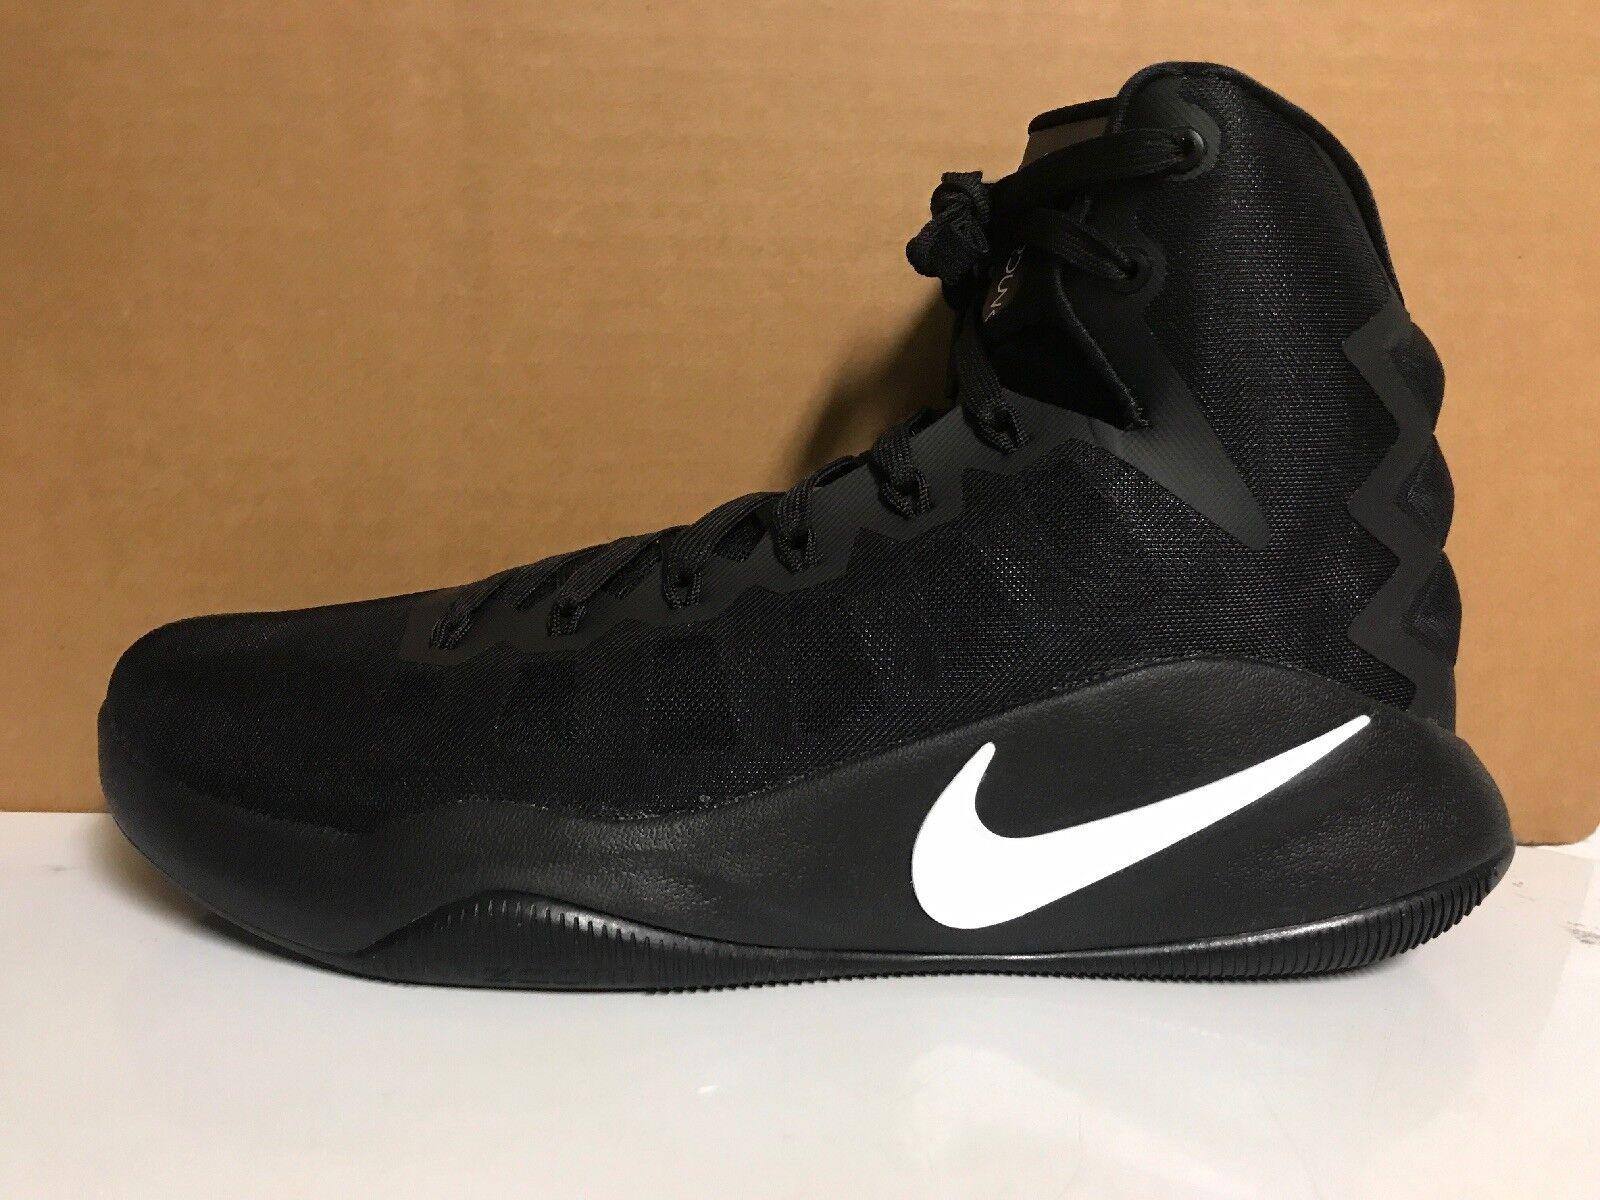 Brand New! Men's 10.5 Nike Hyperdunk 2016 Basketball Shoes 844359-010 Black